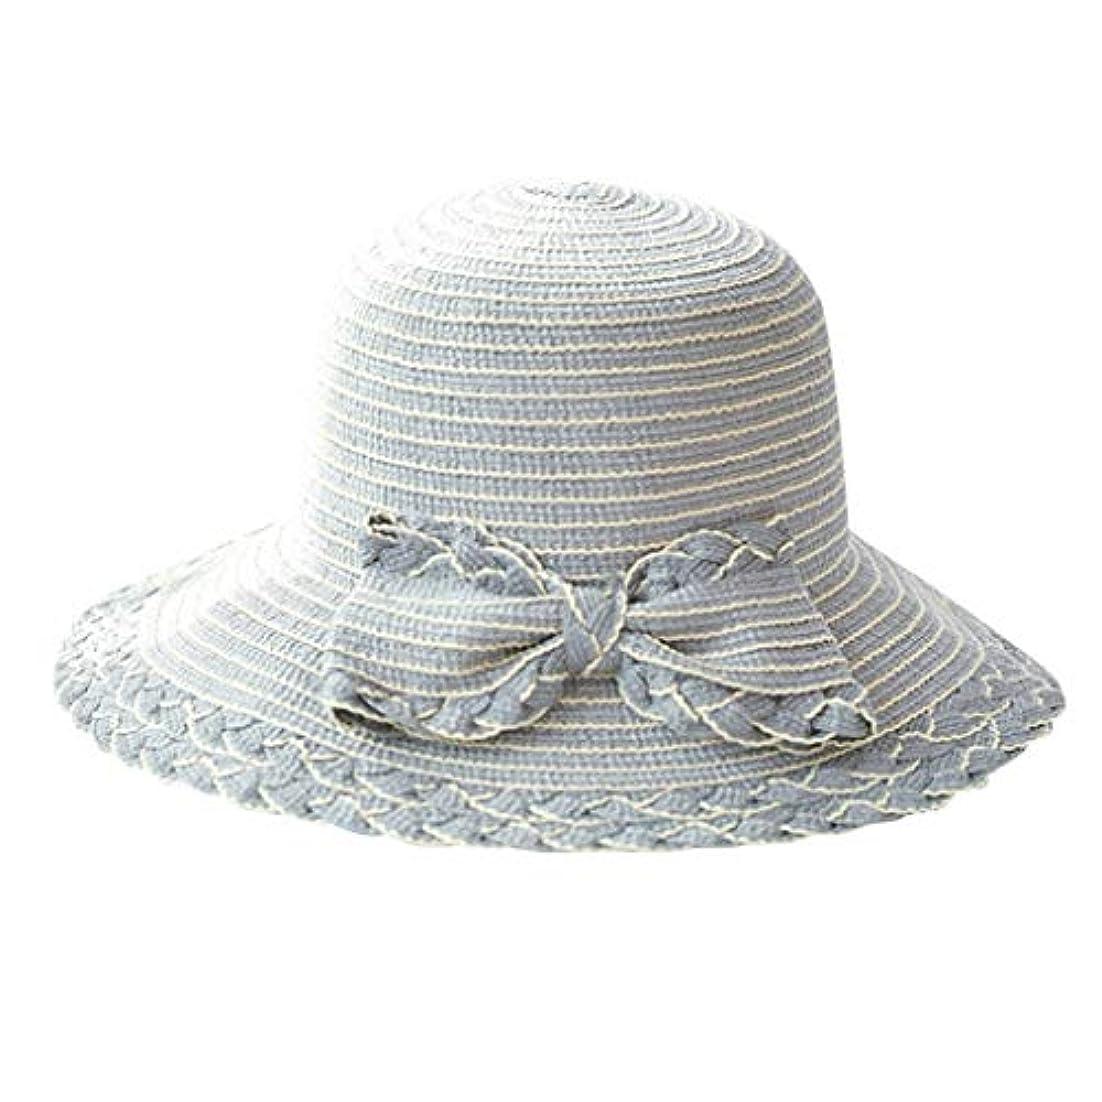 路地カッター虐殺夏 帽子 レディース UVカット 帽子 ハット レディース 日よけ 夏季 女優帽 日よけ 日焼け 折りたたみ 持ち運び つば広 吸汗通気 ハット レディース 紫外線対策 小顔効果 ワイヤー入る ハット ROSE ROMAN